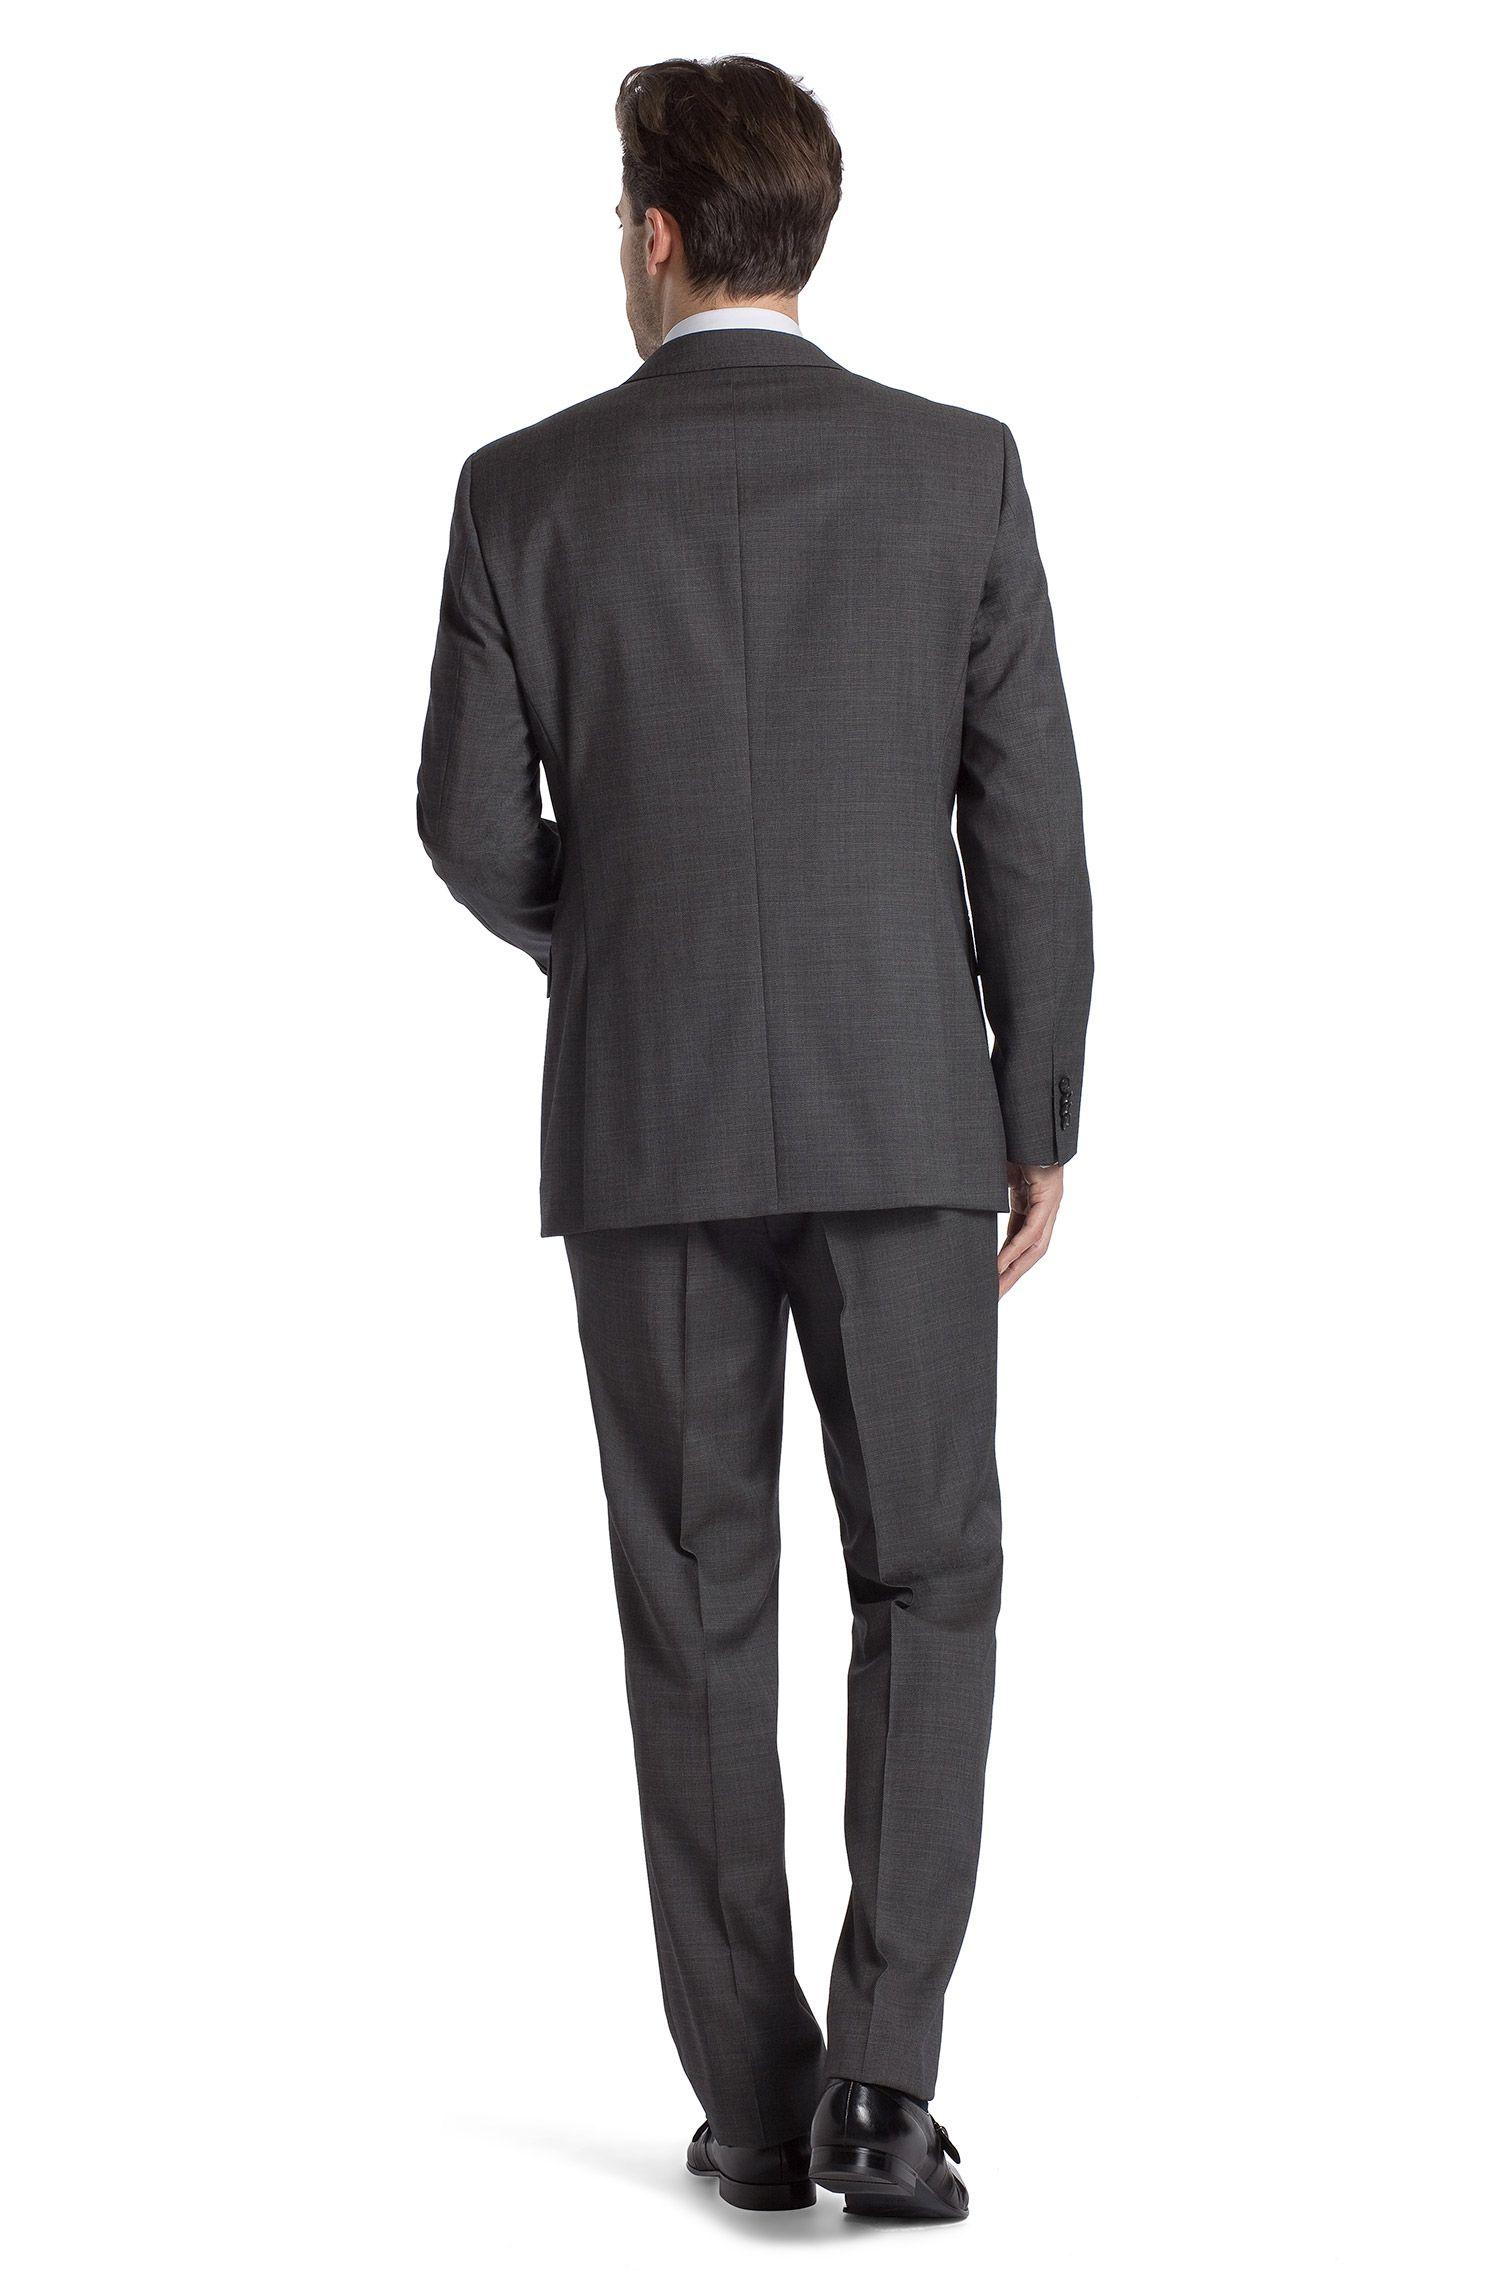 Costume de la ligne Traveller, The Hour/Sharp5